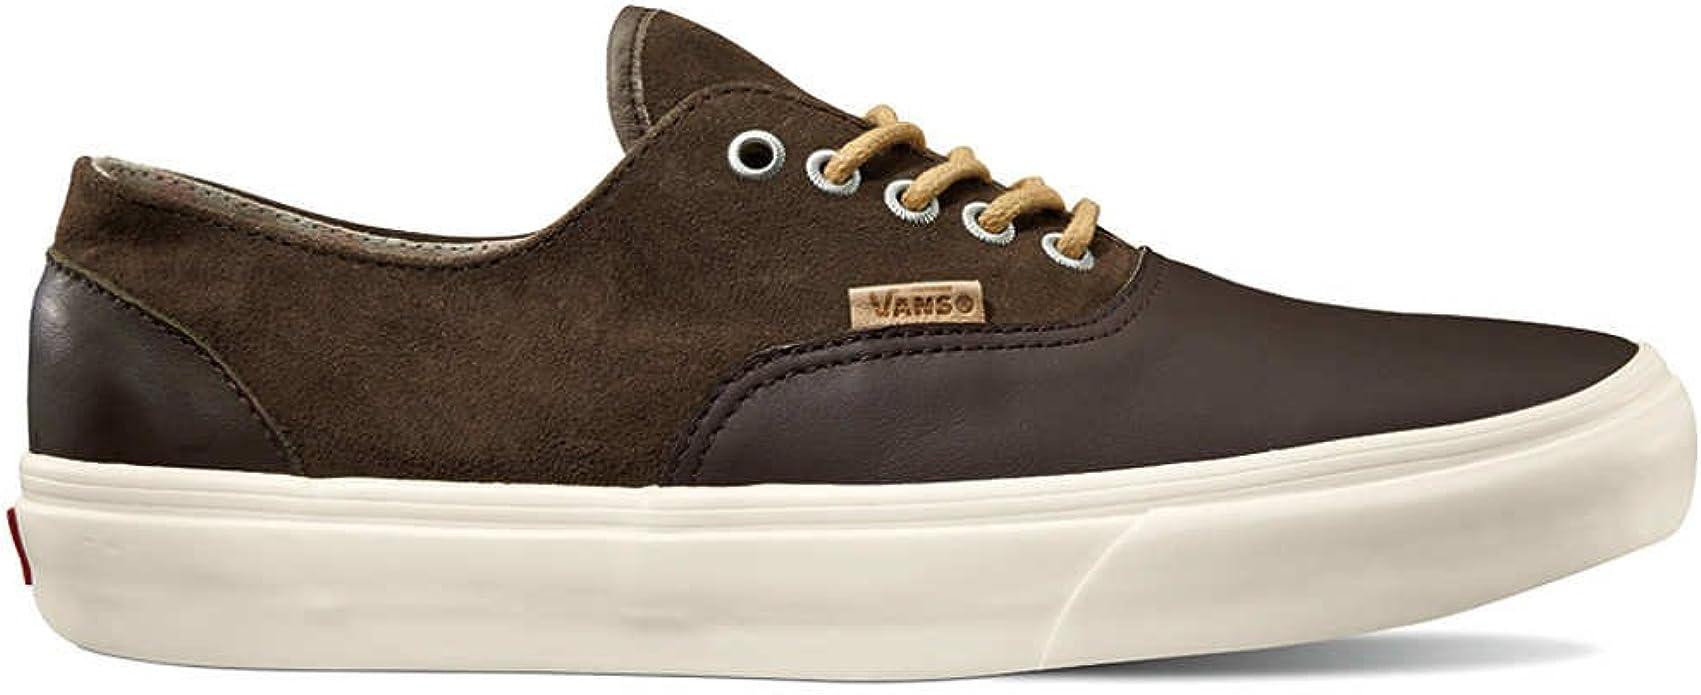 Vans - Zapatillas de Piel para Hombre, Color marrón, Talla 11.0 ...